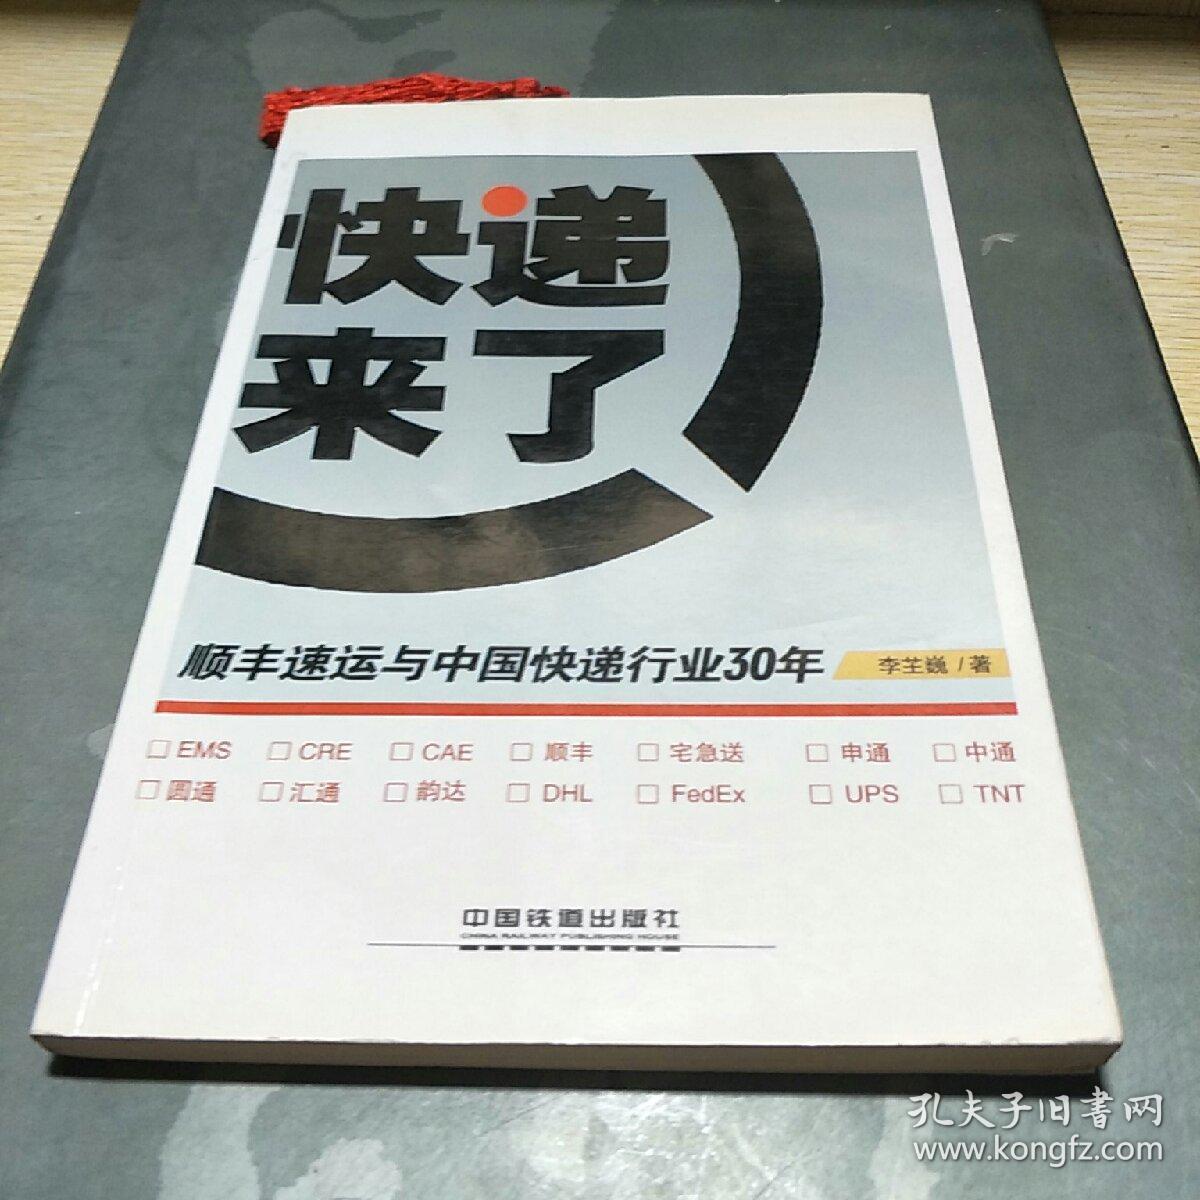 快递来了:顺丰速运与中国快递行业30年